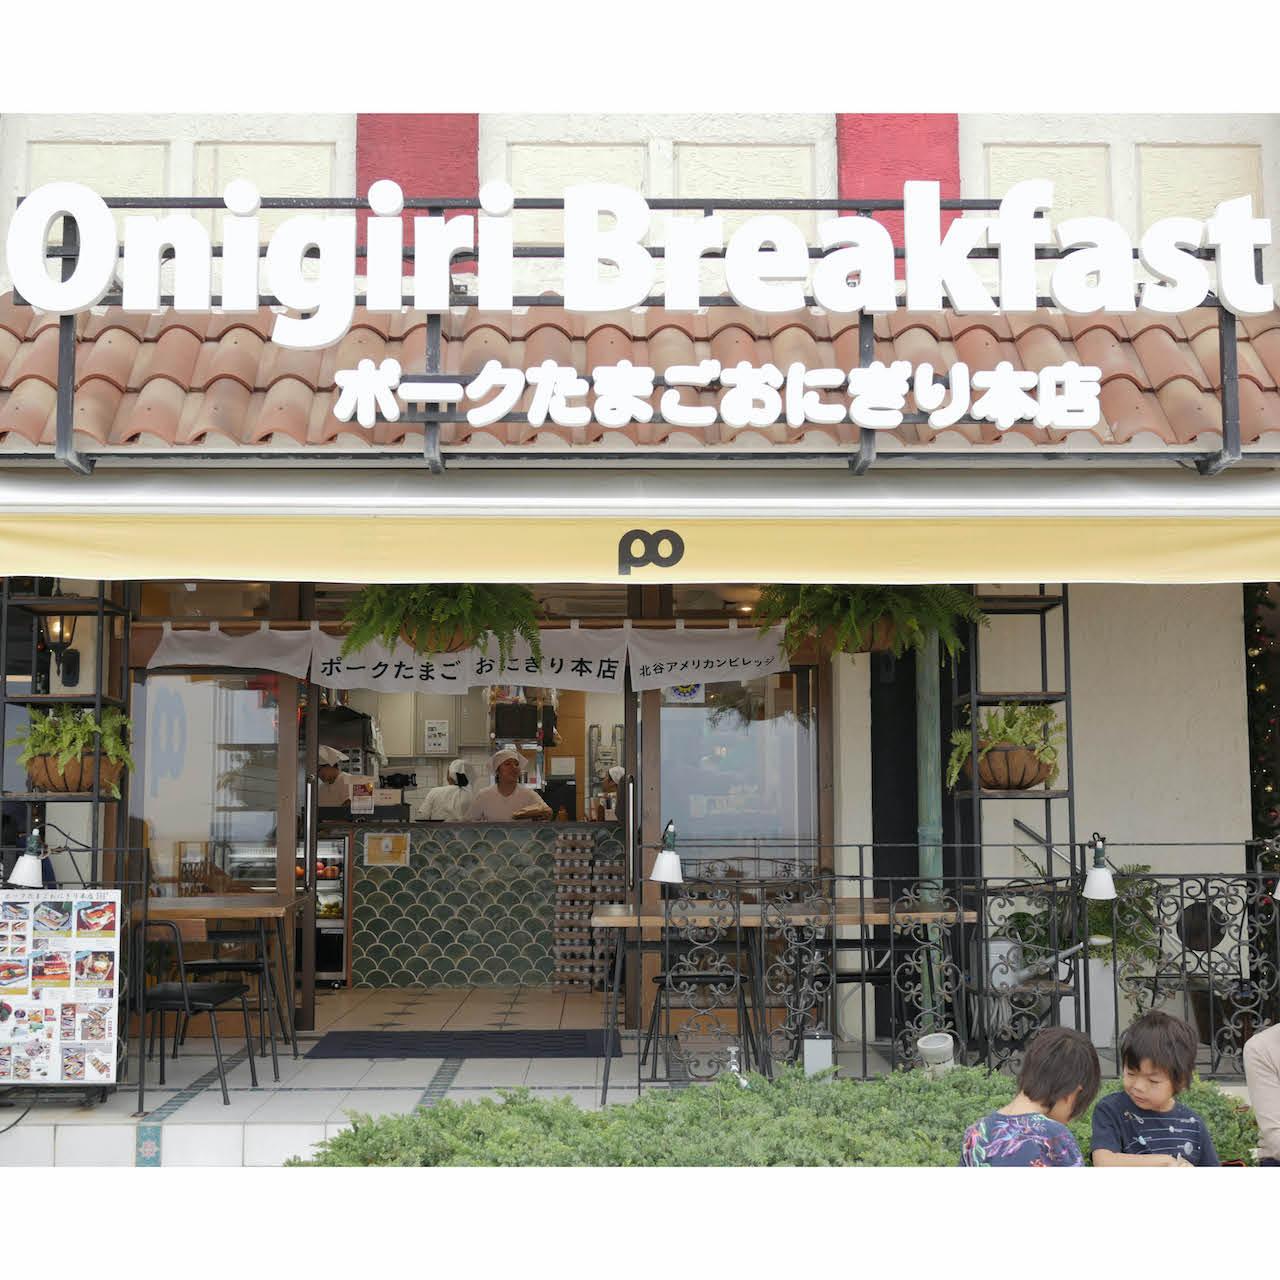 沖繩當地的特色早餐豬肉蛋飯糰